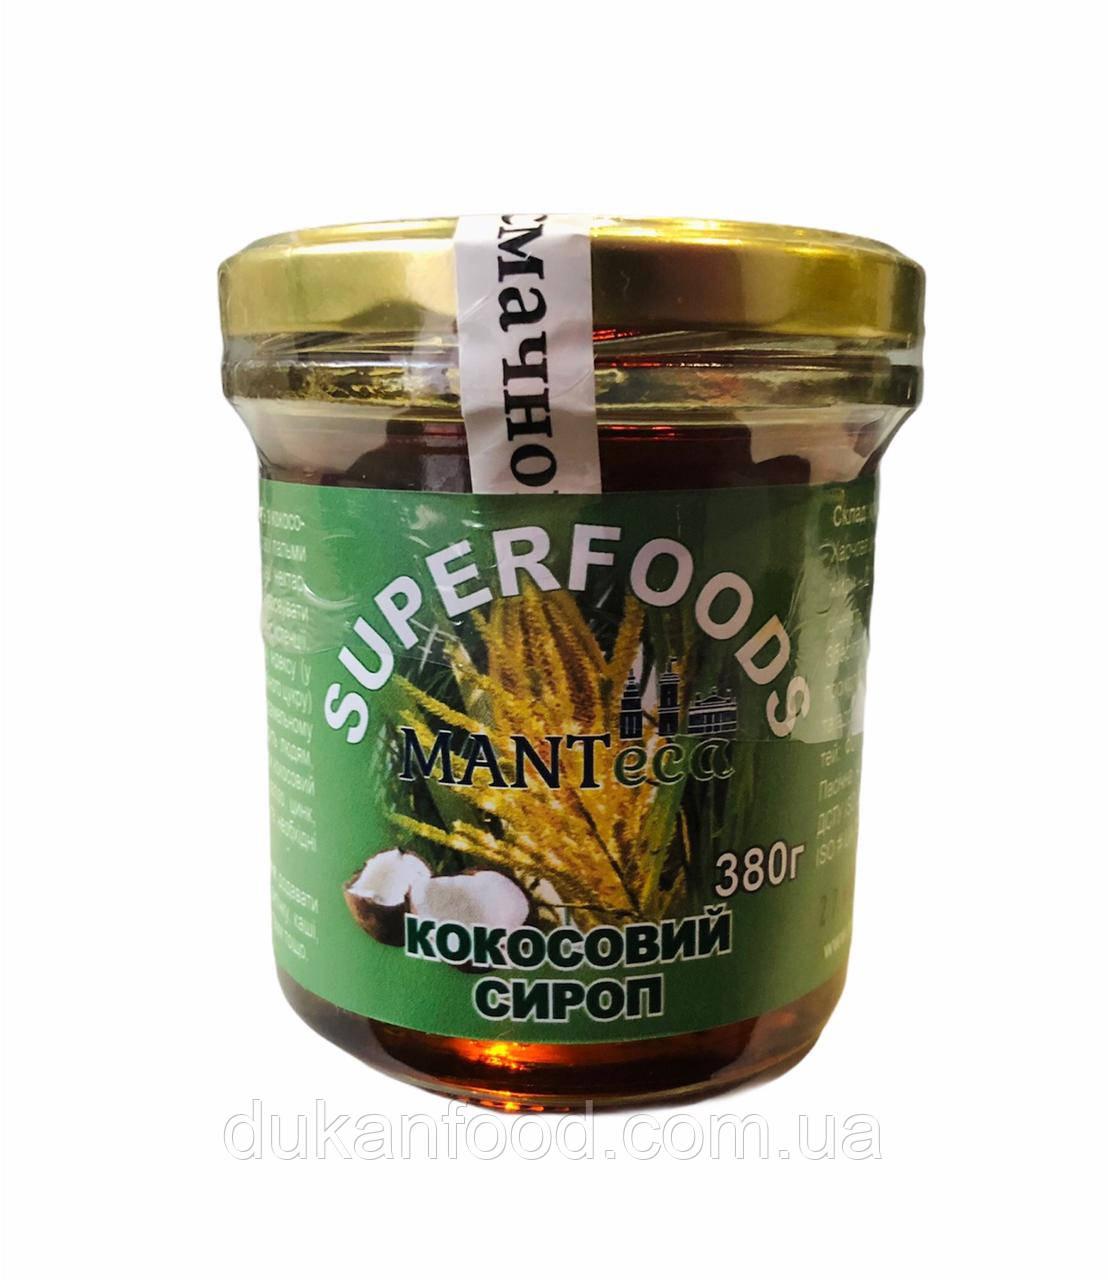 Сироп Кокосовый Manteca, 380 г